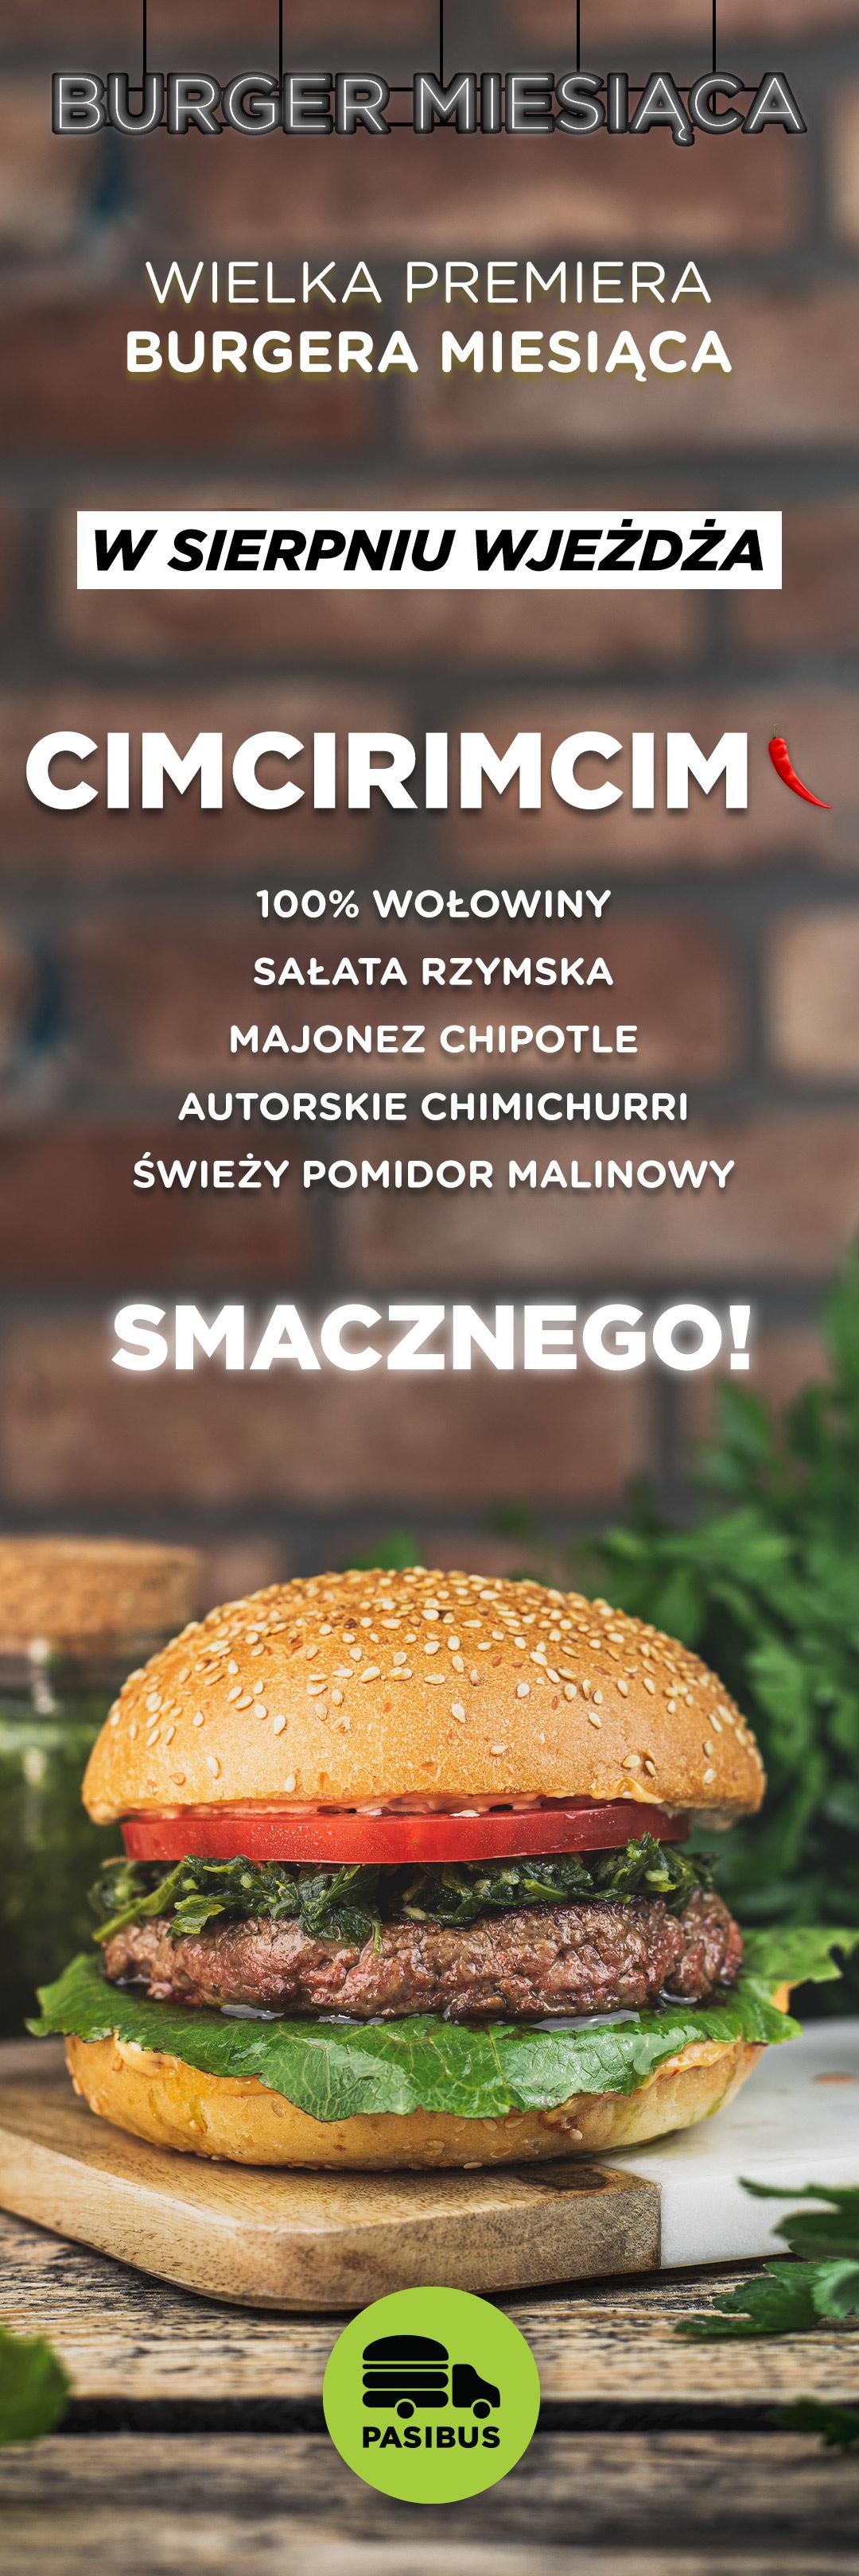 Przedstawiamy burgera miesiąca sierpień 2020 - Cimcirimcim